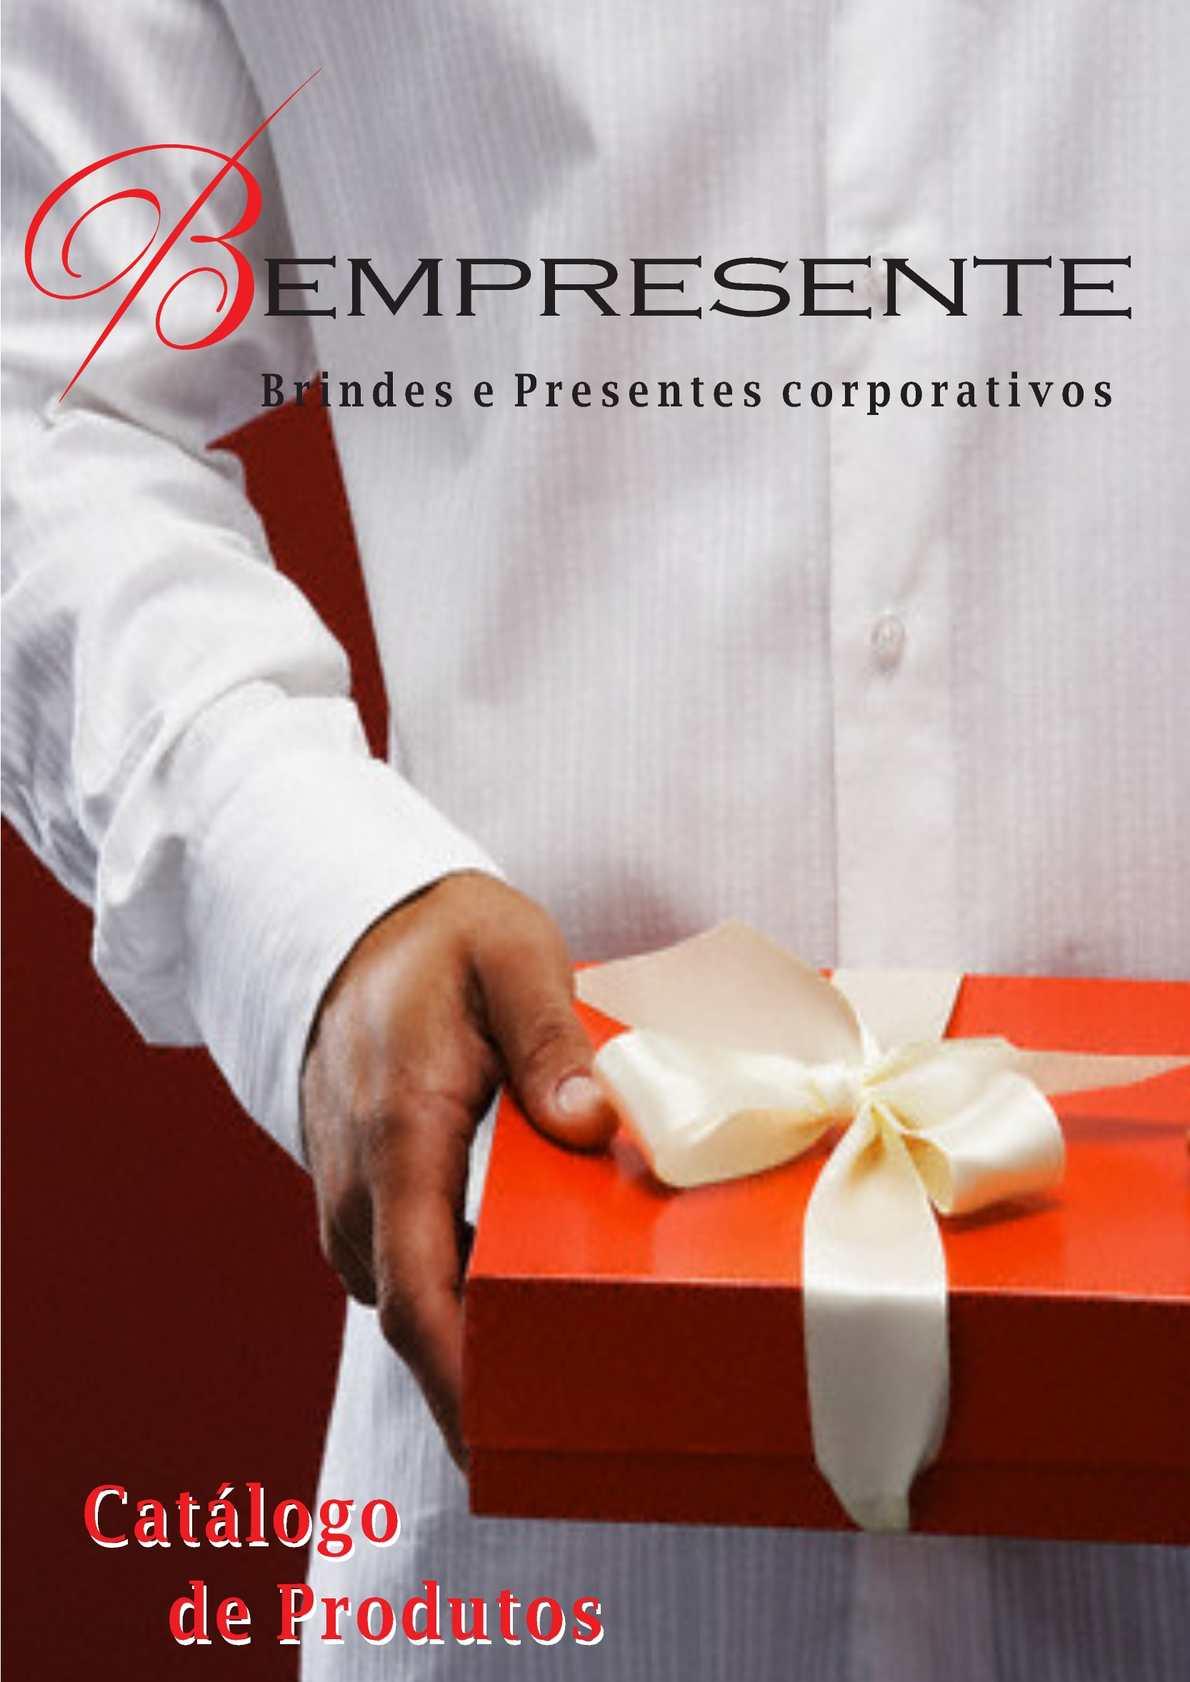 dac3a2440f Calaméo - Bem Presentes Brindes Catálogo Virtual